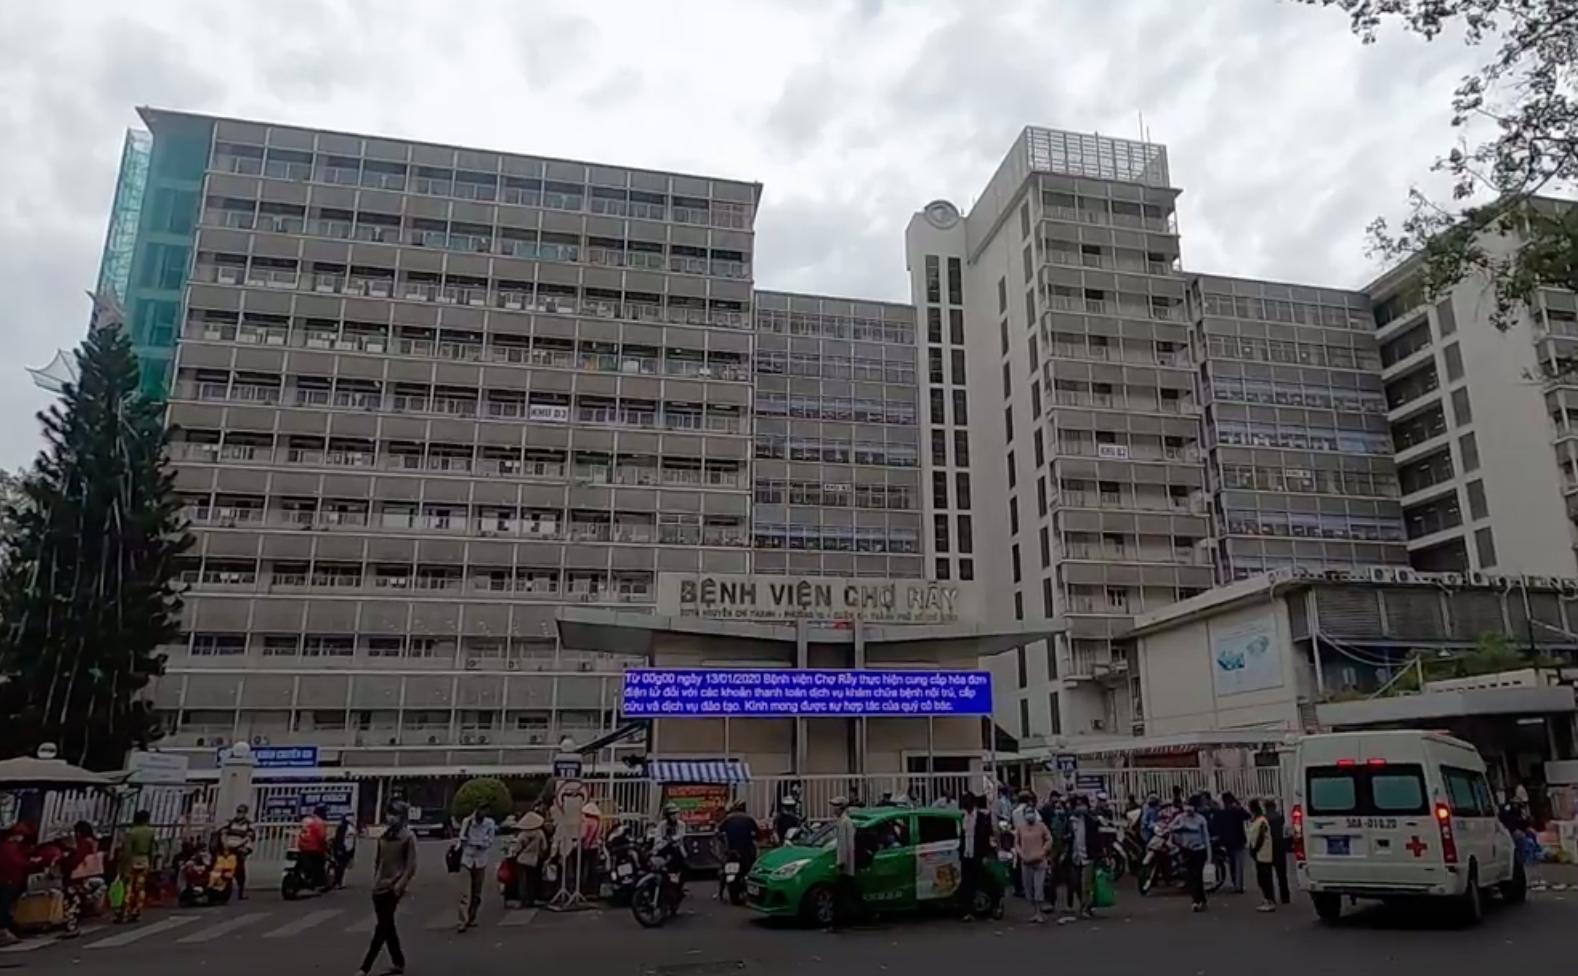 TP HCM: 23 nhân viên y tế Bệnh viện Chợ Rẫy tiếp xúc với BN 517 đều âm tính với SARS-CoV-2 - Ảnh 1.